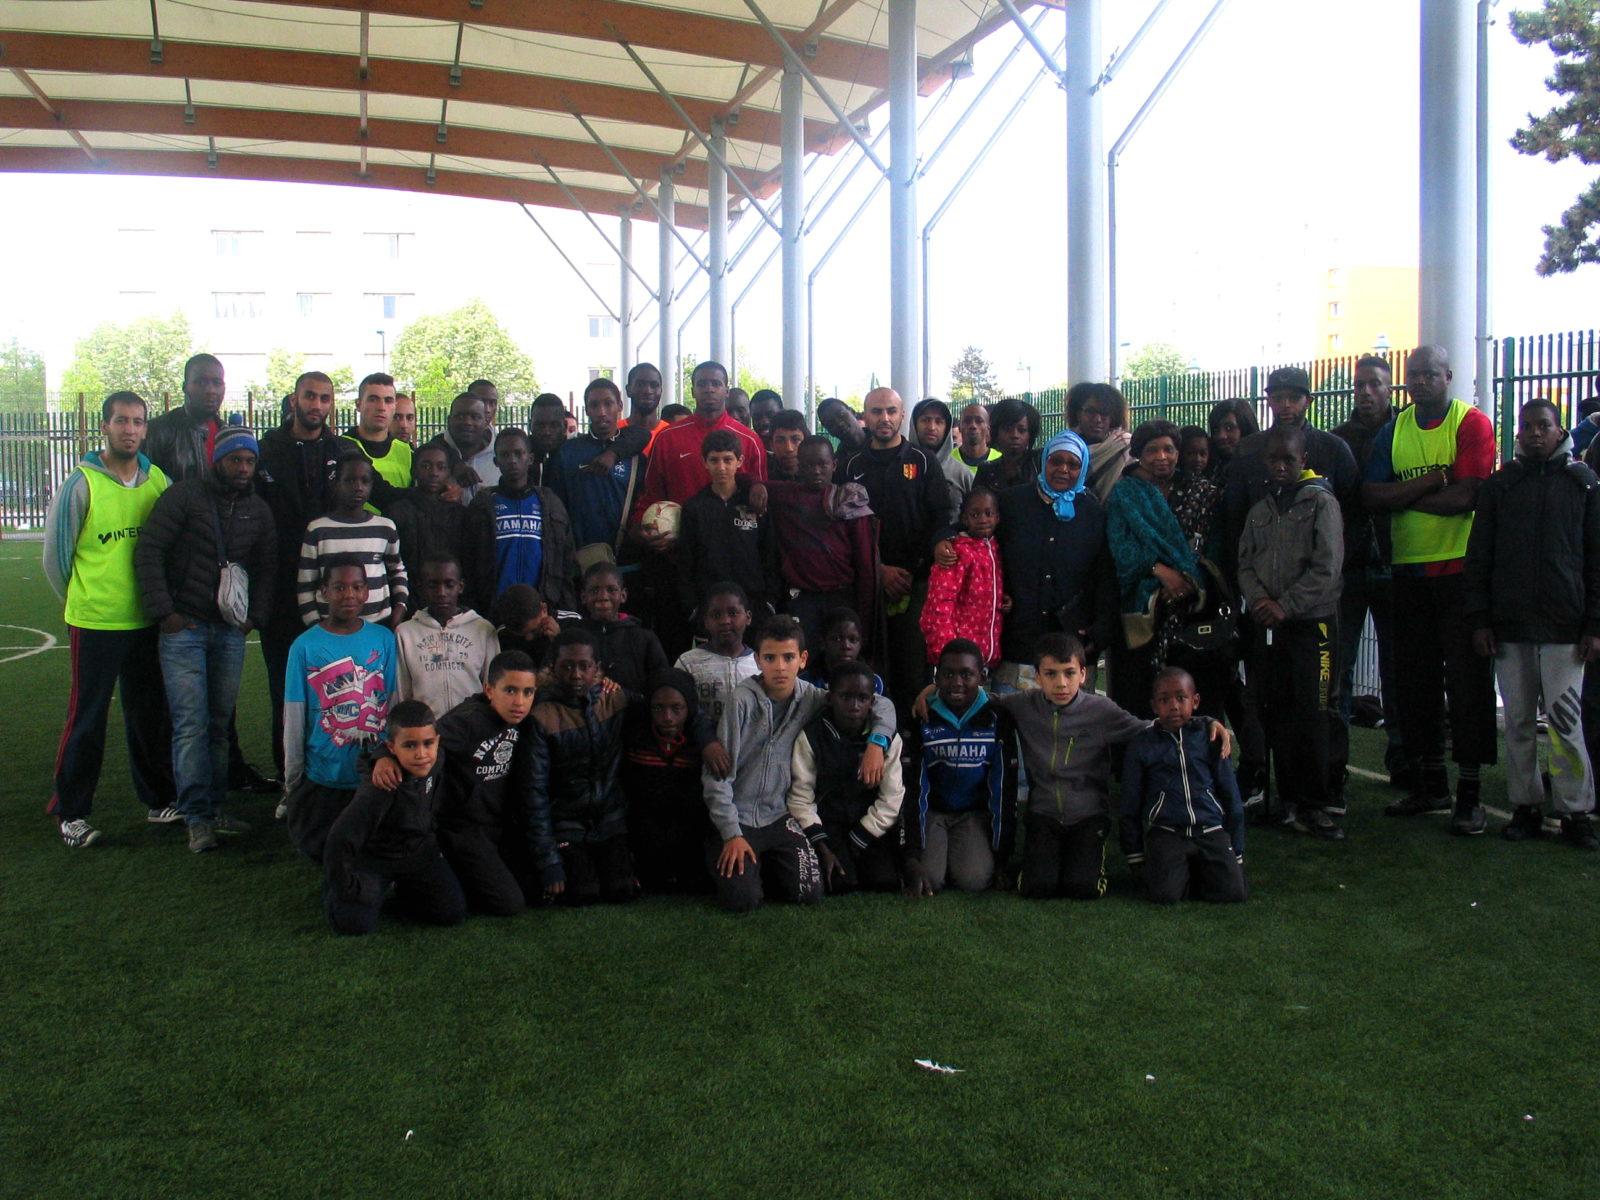 Mantes-la-Jolie (Yvelines), 8 mai 2014. Un tournoi en hommage à Djibril Koulibaly s'est tenu à l'espace sportif Marcel Doret (MA/Ab.N).